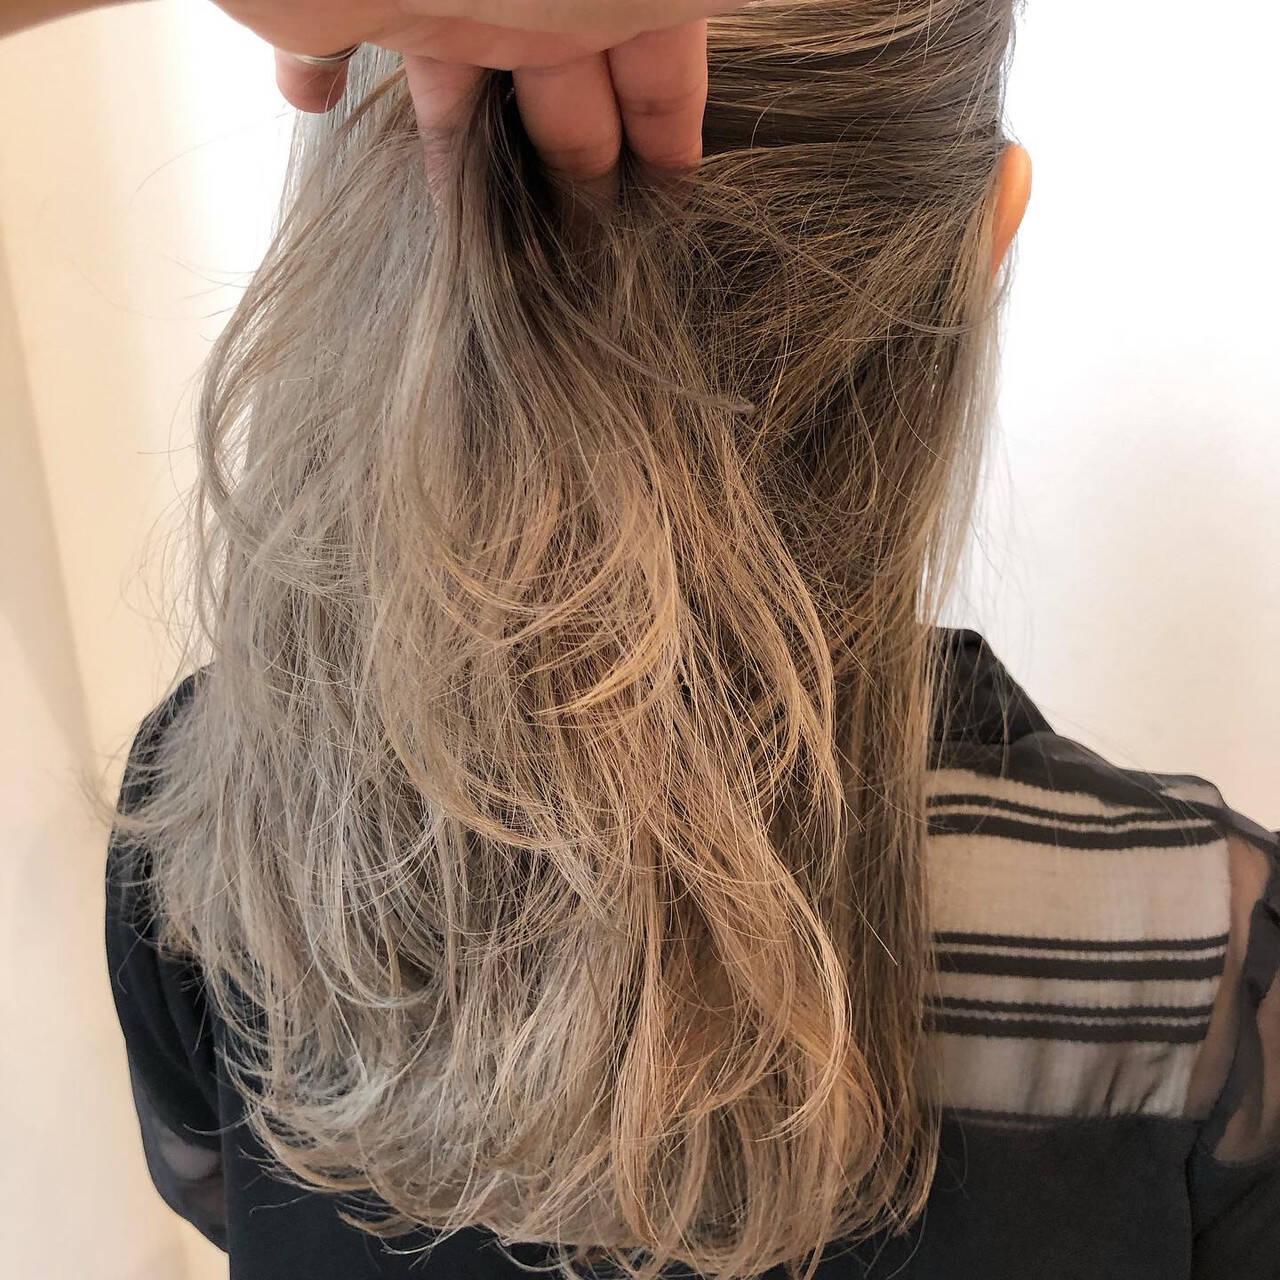 デザインカラー ブリーチ セミロング グレージュヘアスタイルや髪型の写真・画像